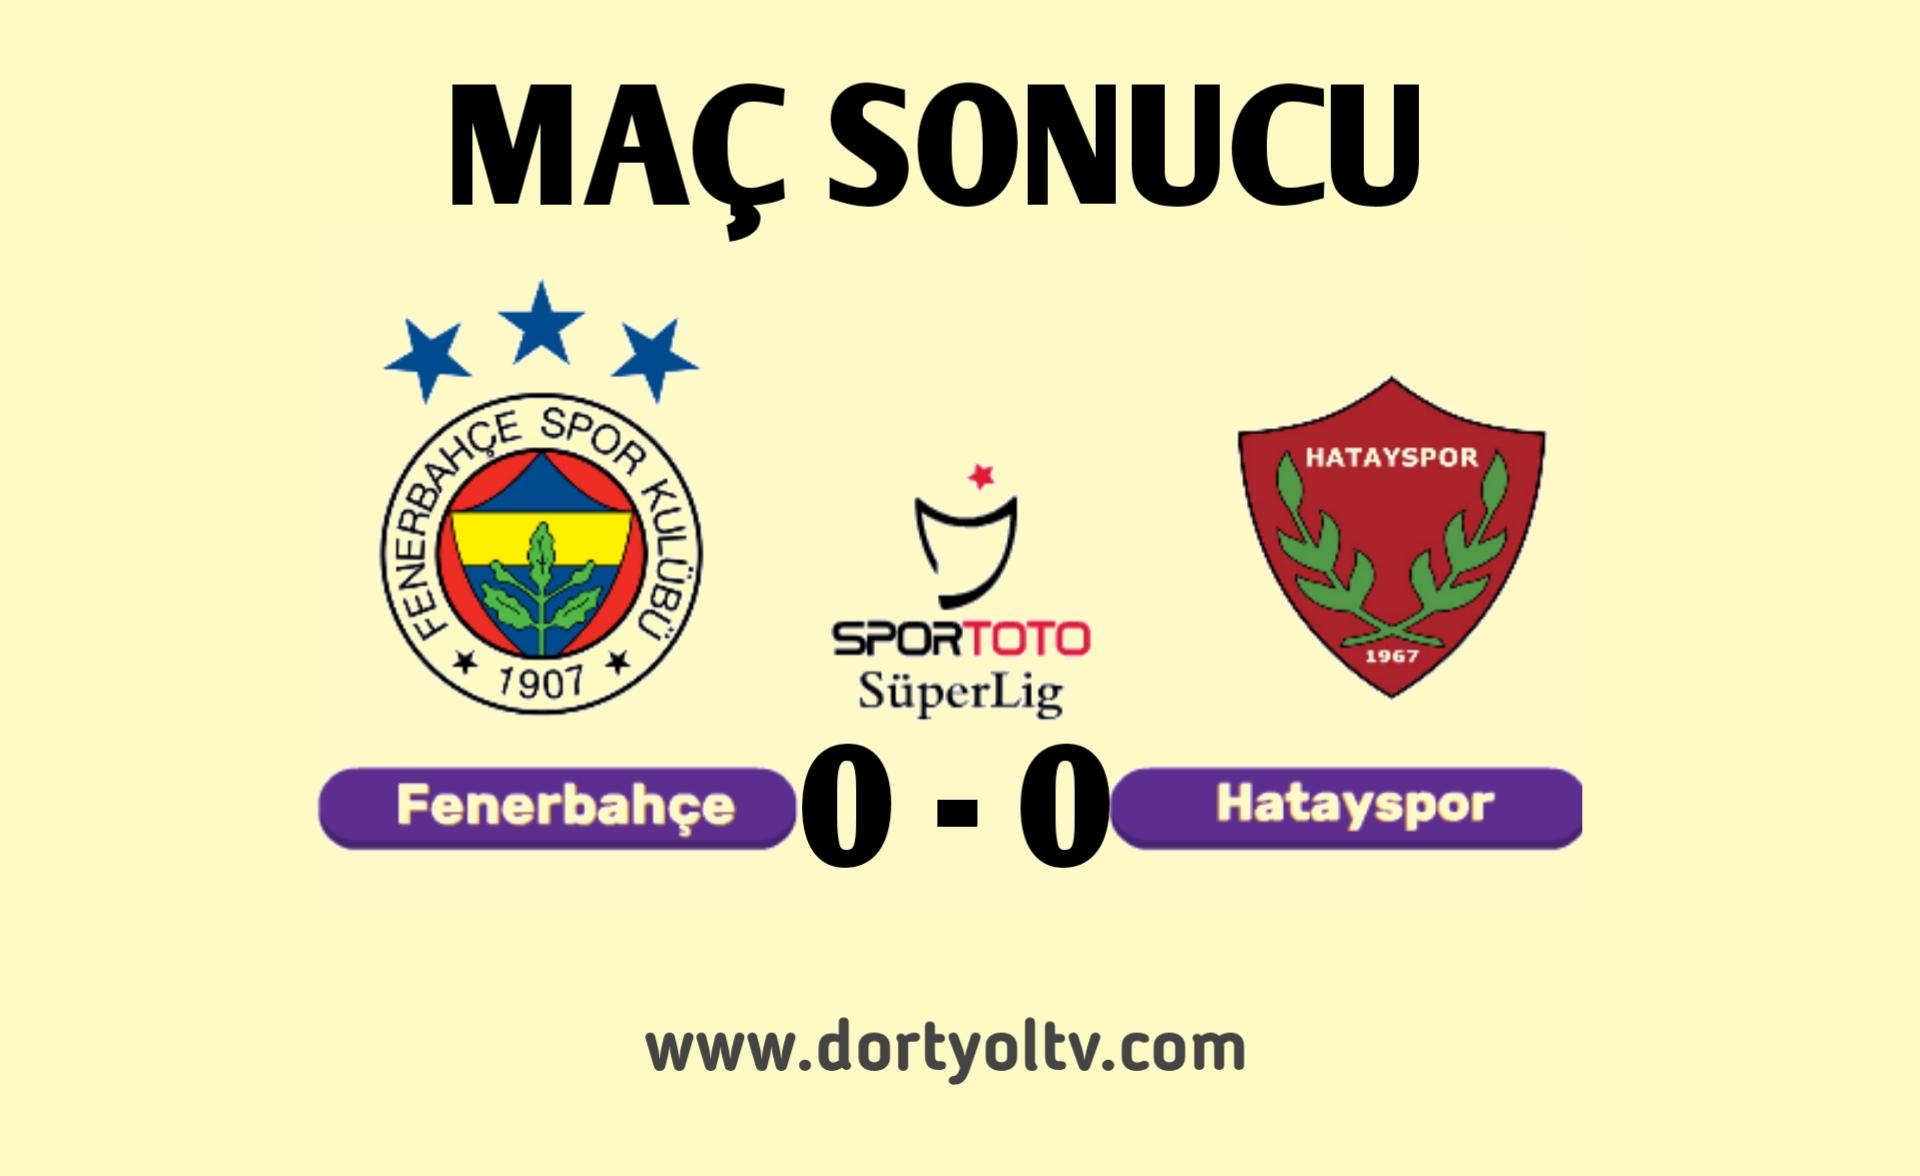 Fenerbahçe 0-0 Hatayspor   Maç Sonucu